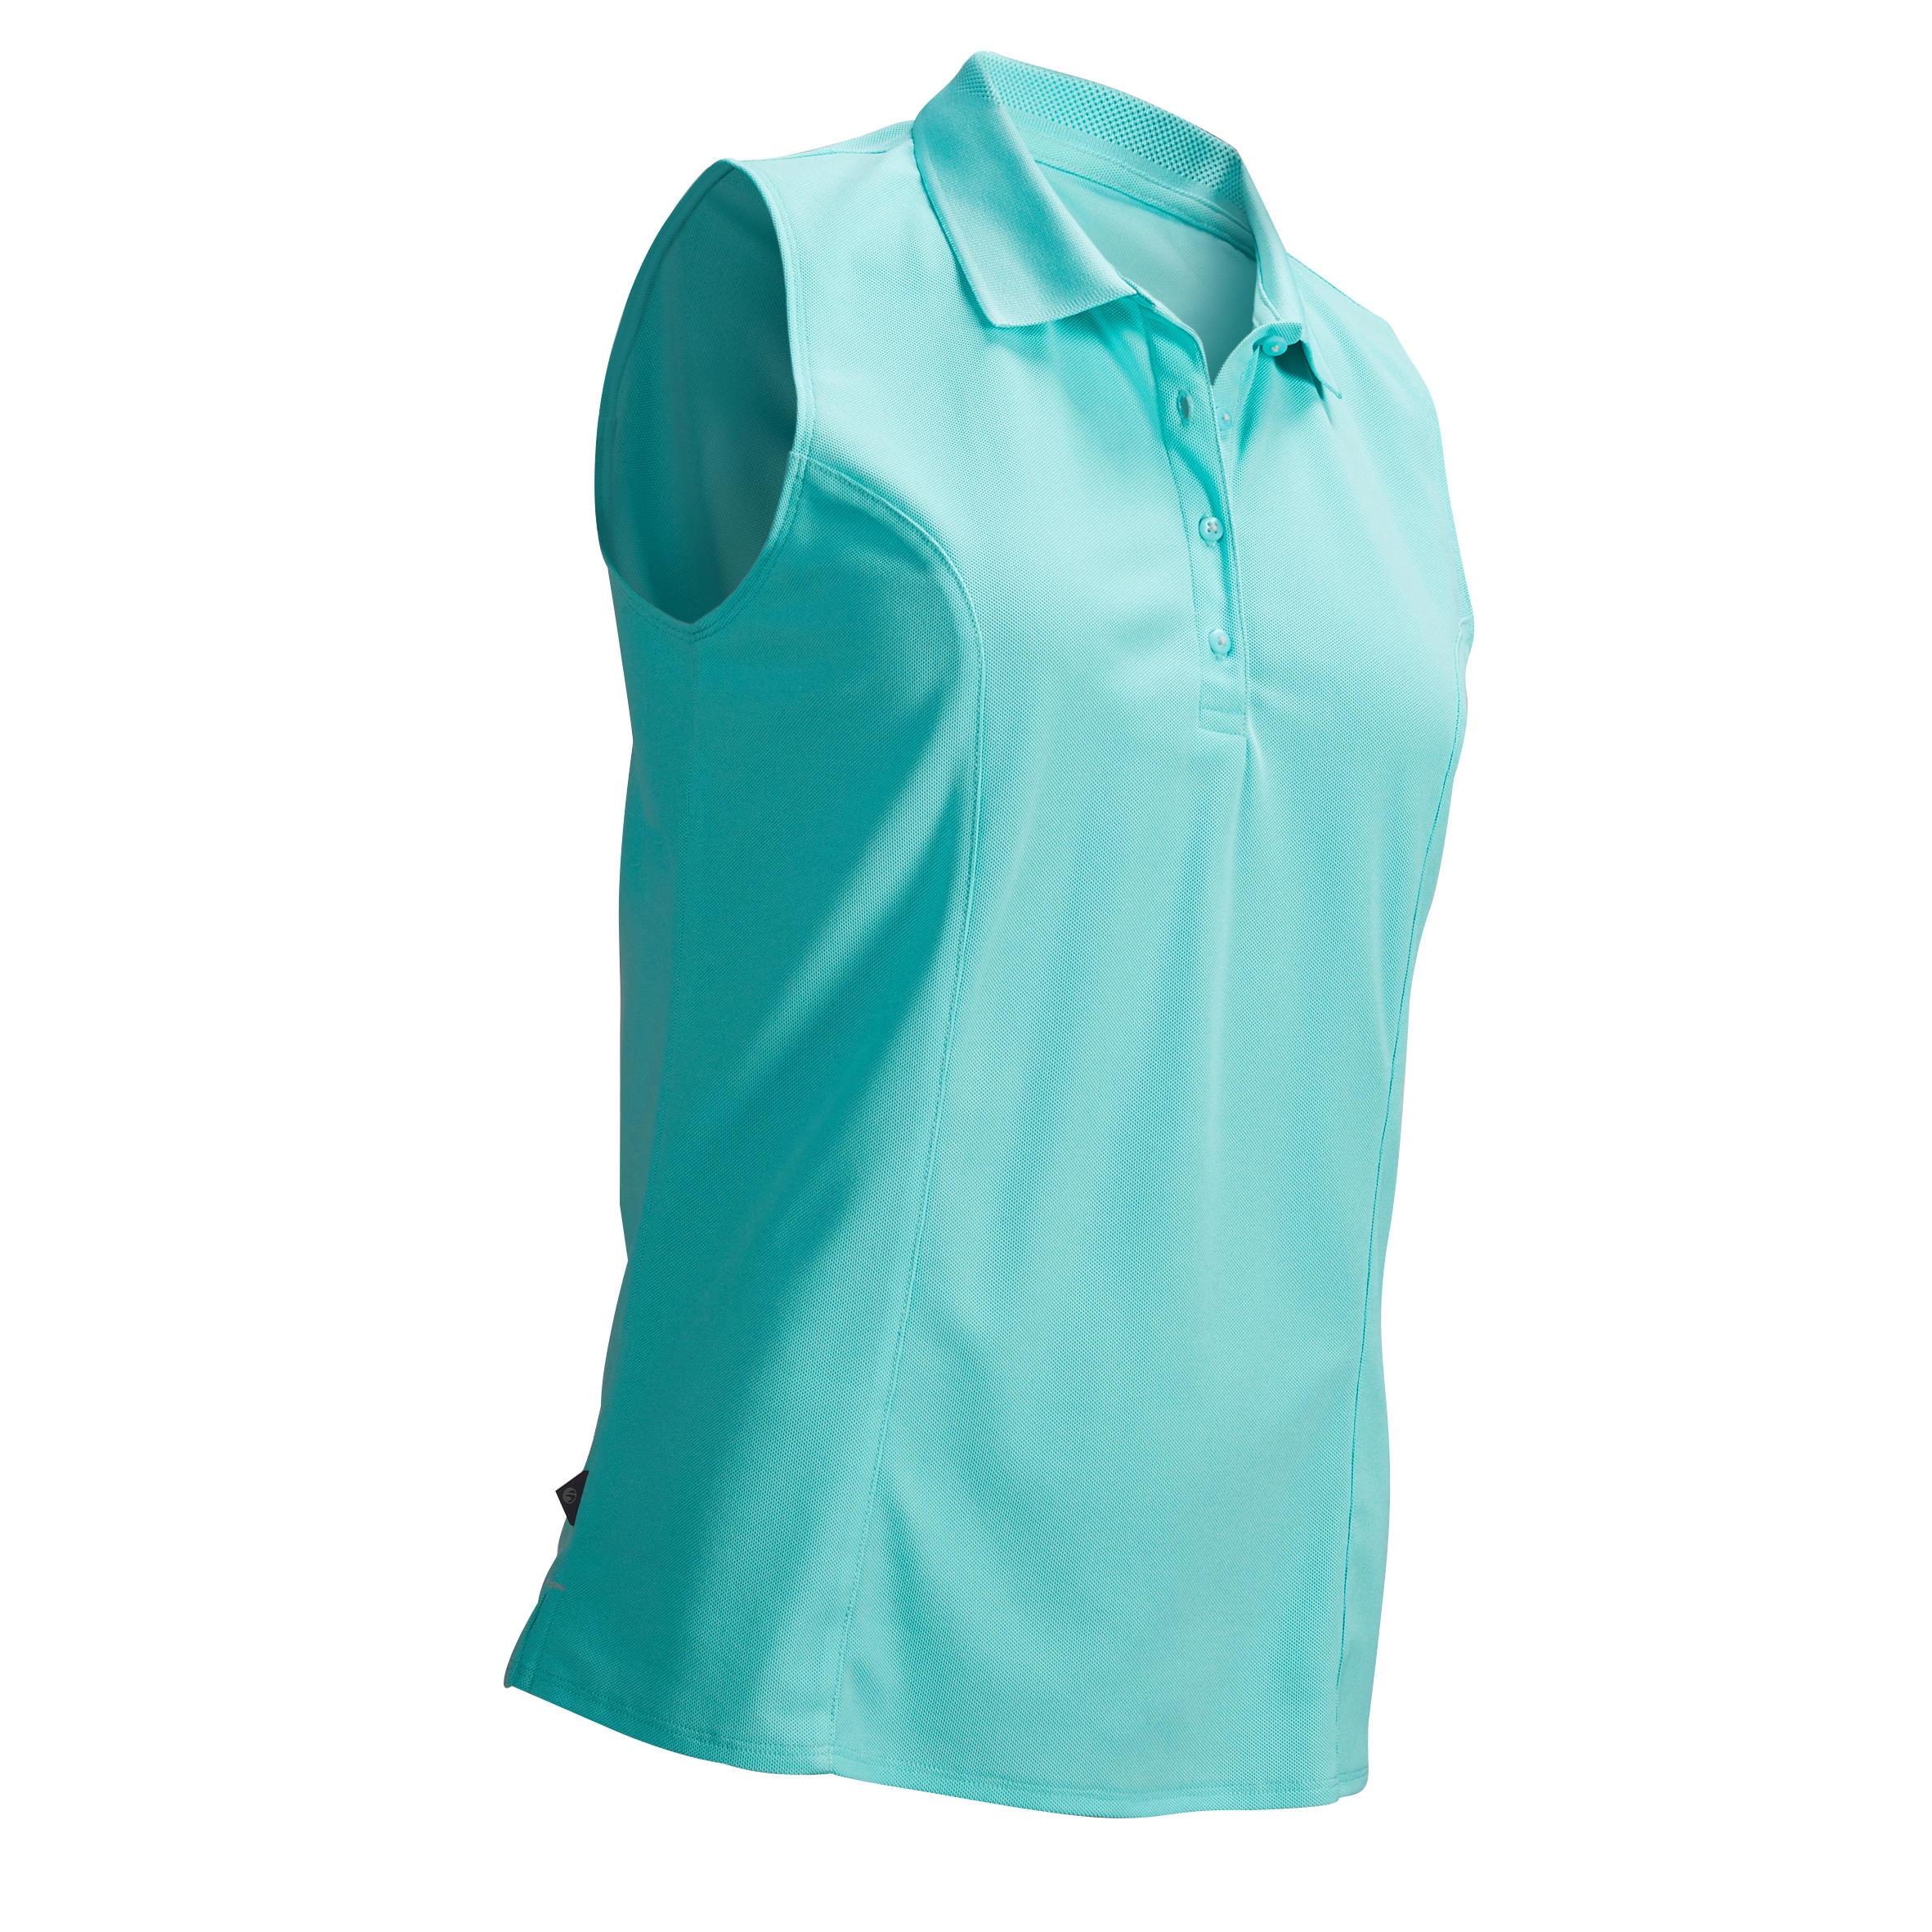 Inesis Mouwloze golfpolo voor dames warm weer lichtturkoois